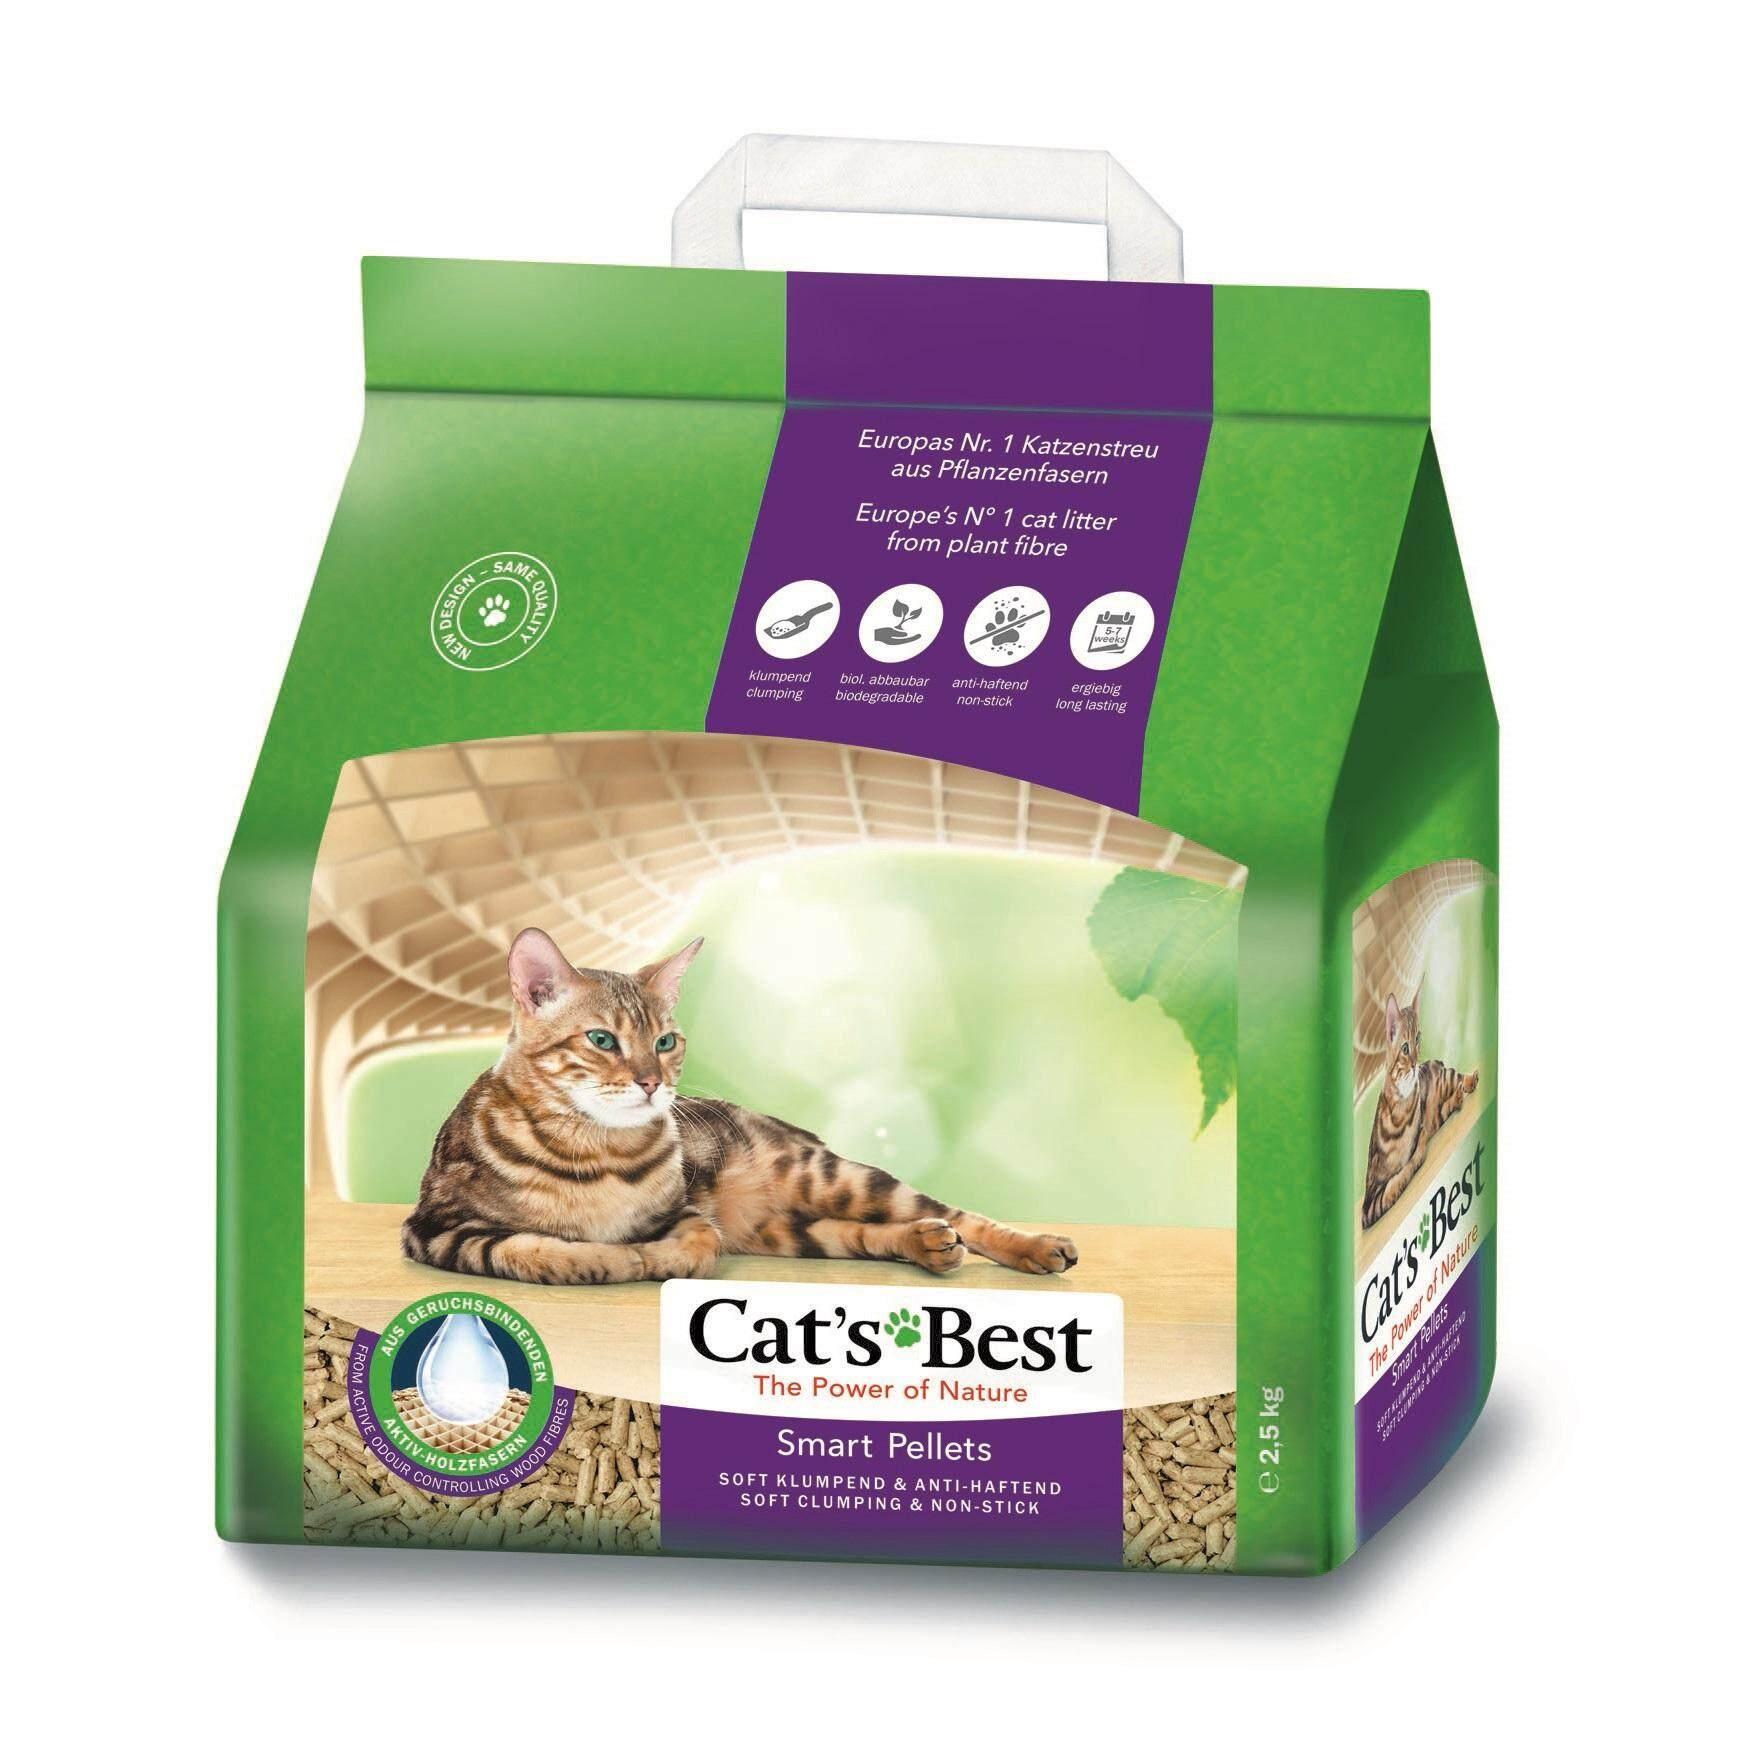 Cats Best ทรายแมวสูตร สมาร์ท เพลเล็ทส์ 5 ลิตร (2.5 กก.).